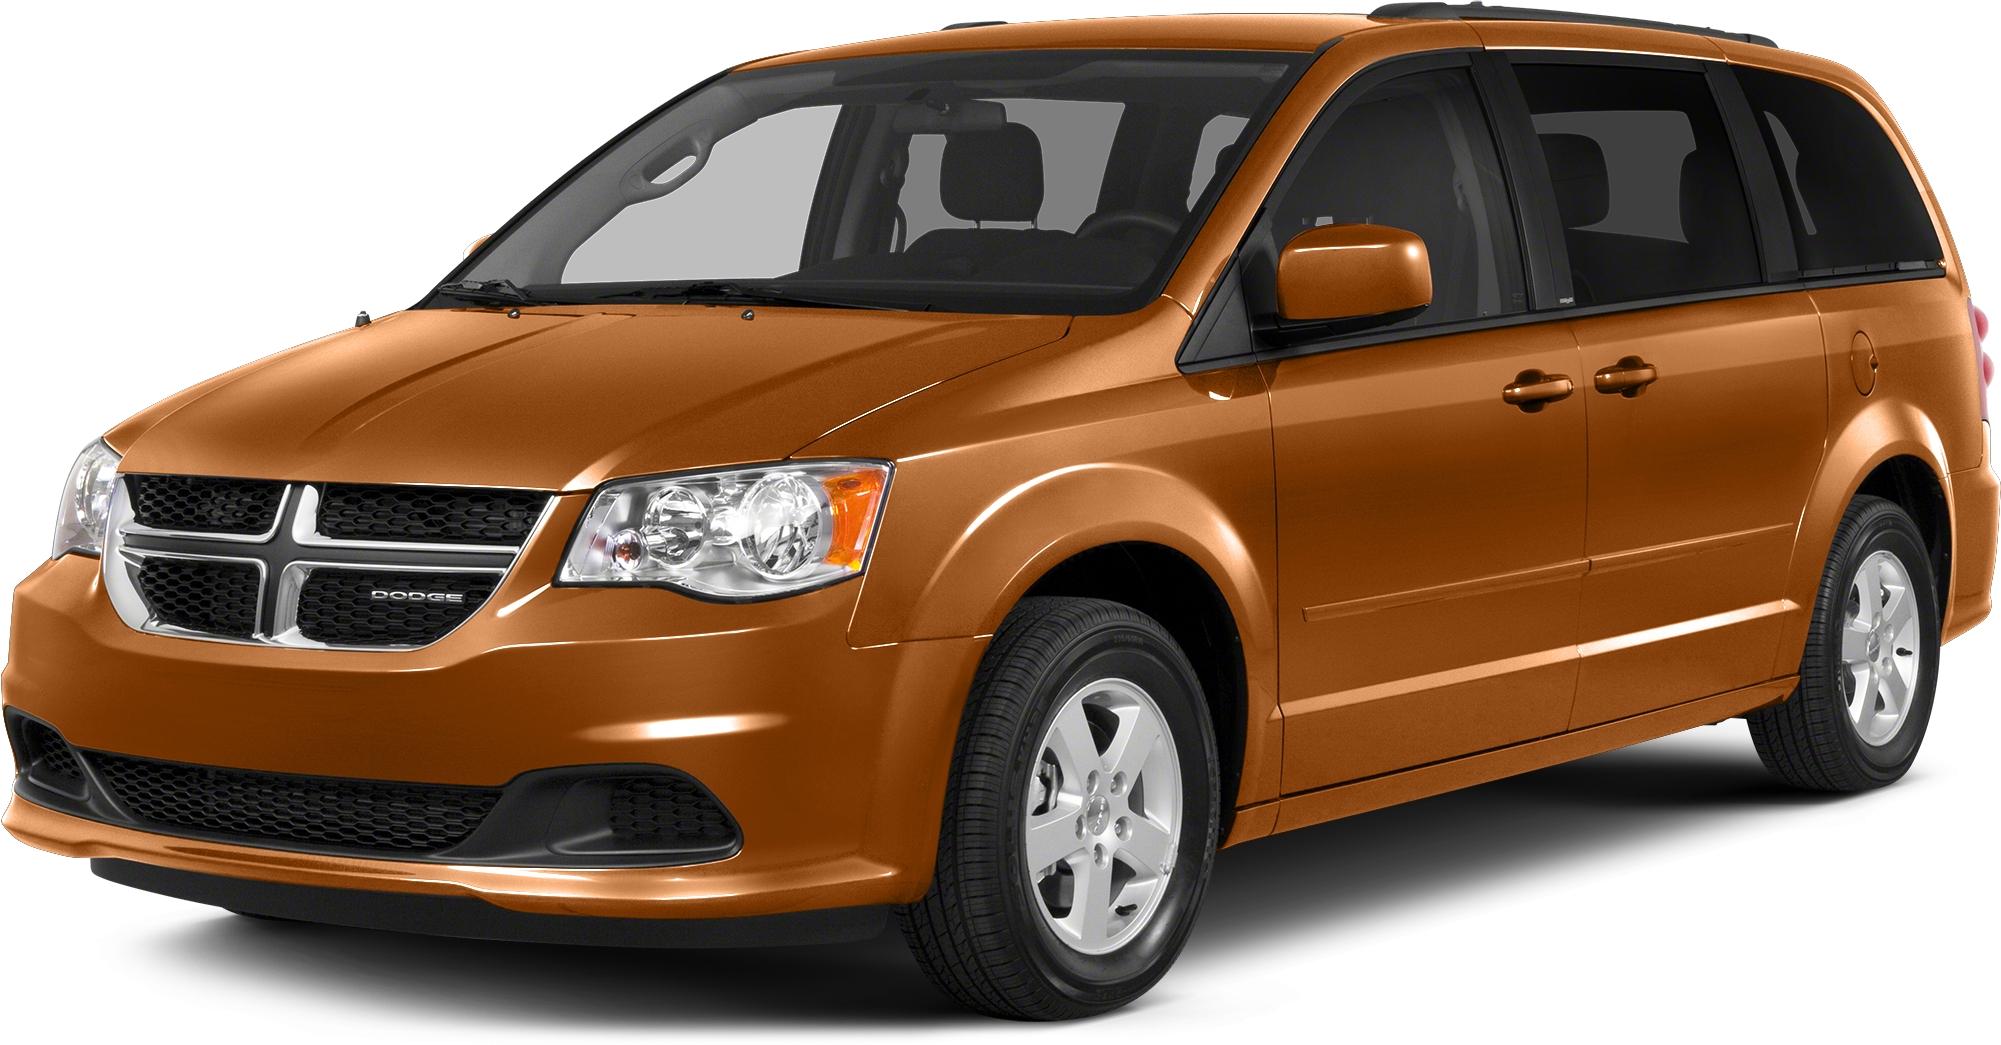 American Car Center Pelham Reviews